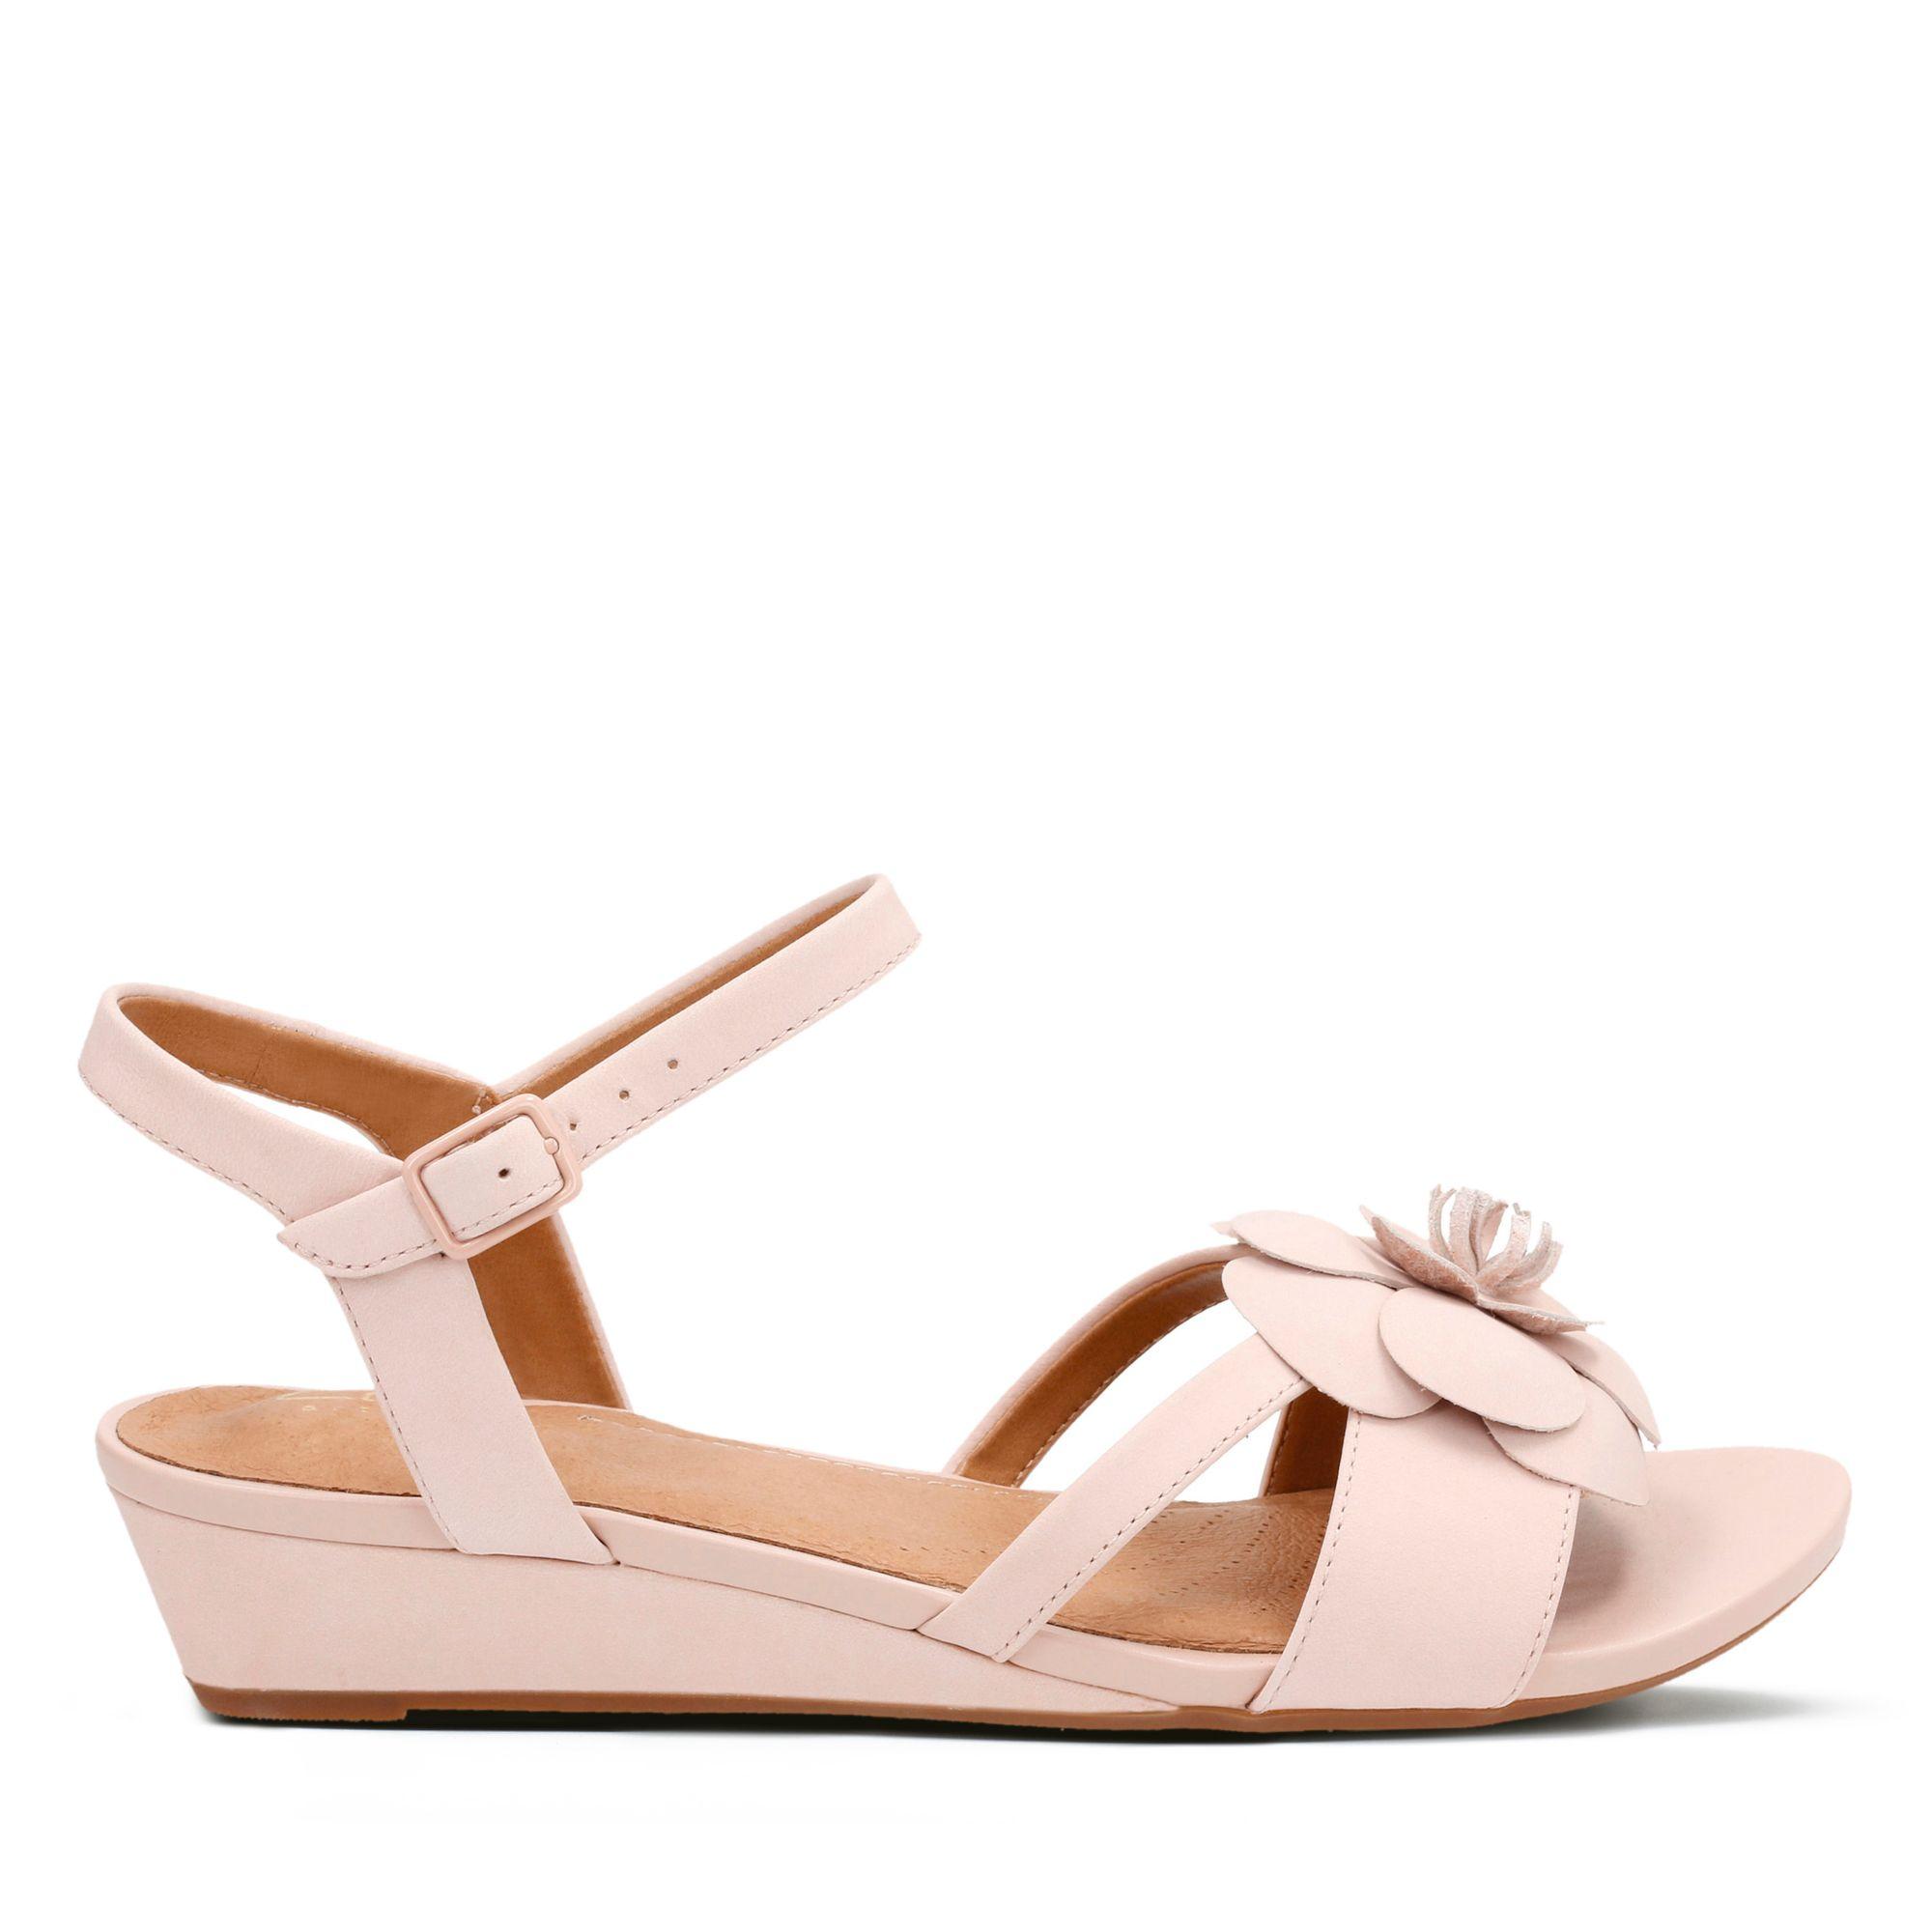 1940s Style Shoes, 40s Shoes Parram Stella £50.00 AT vintagedancer.com